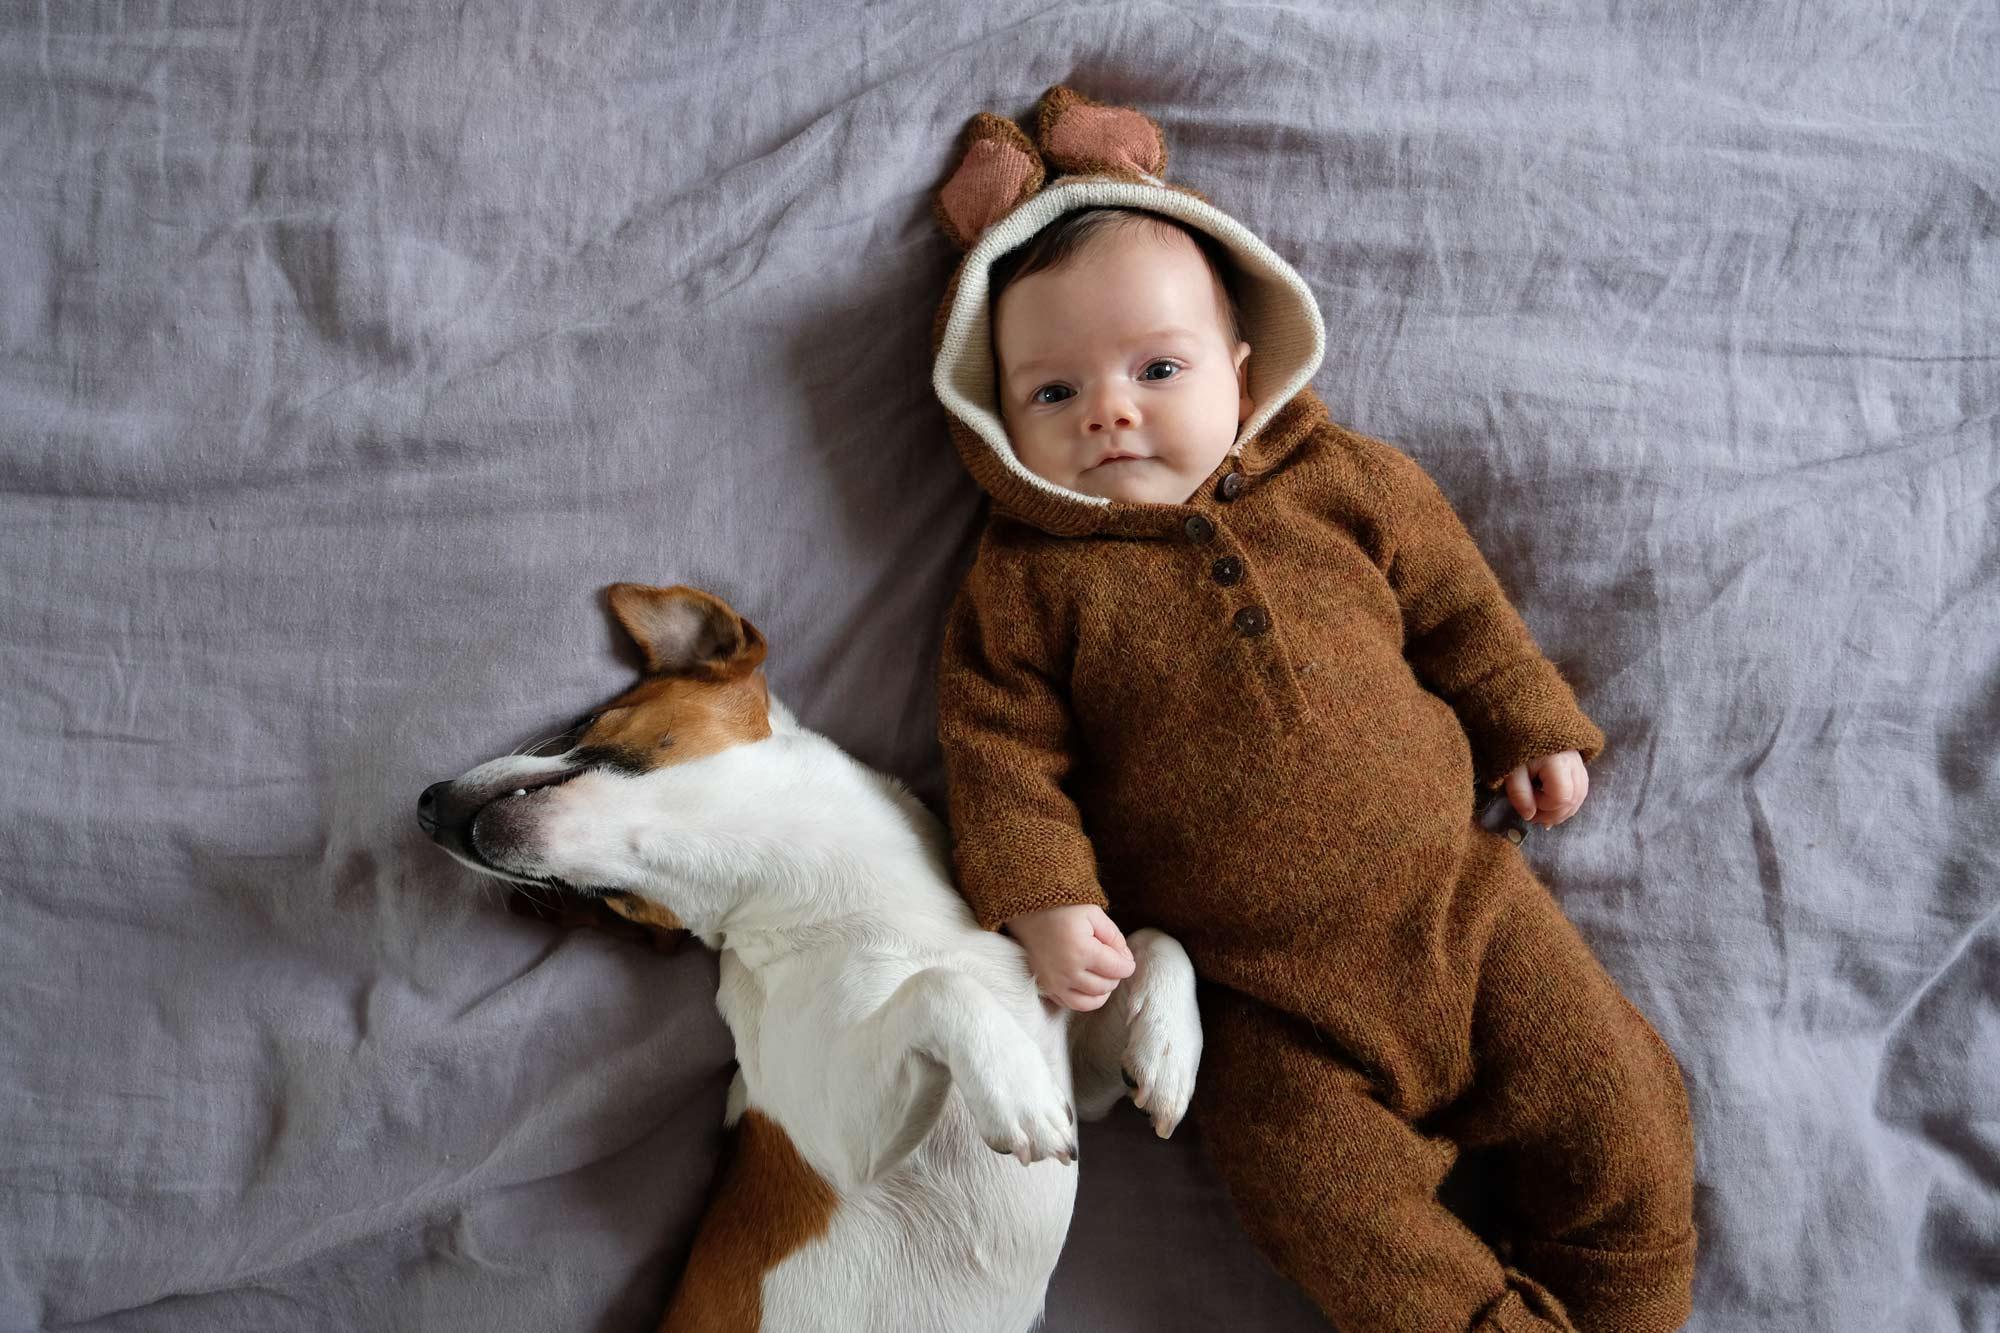 le chien de latoupie @latoupie et le bébé